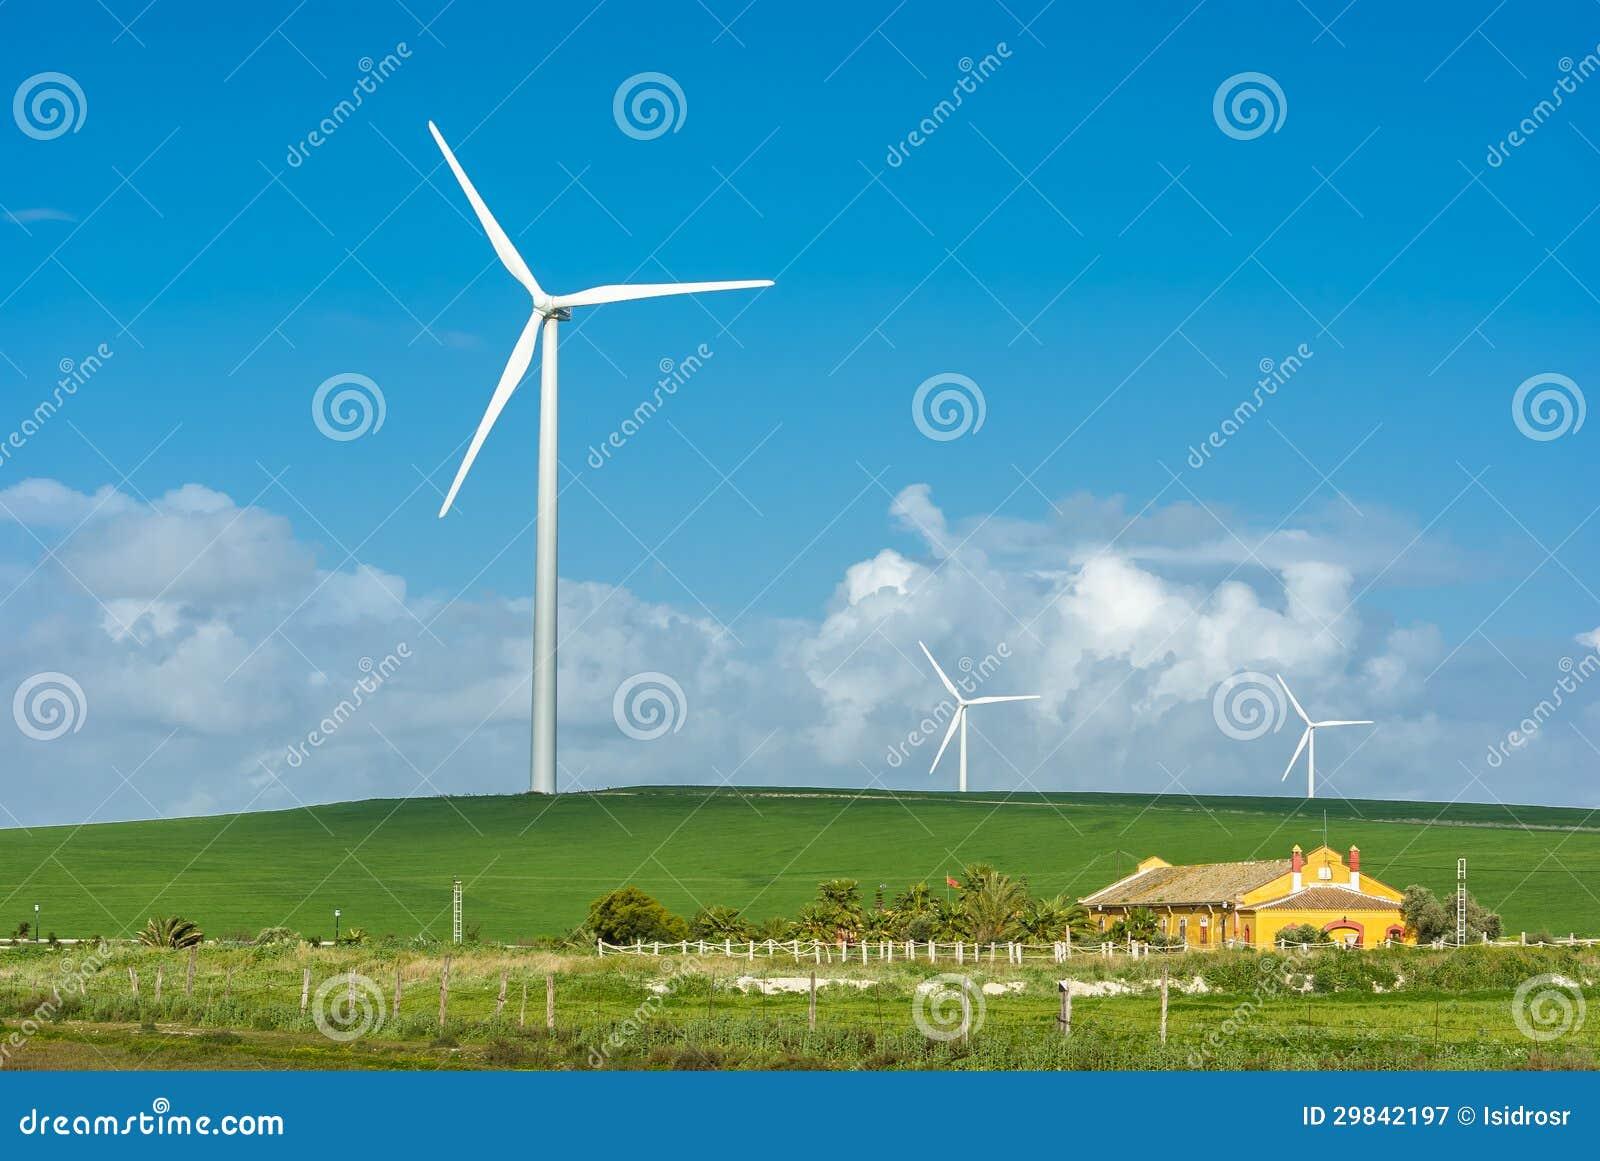 Moinho de vento perto de uma casa